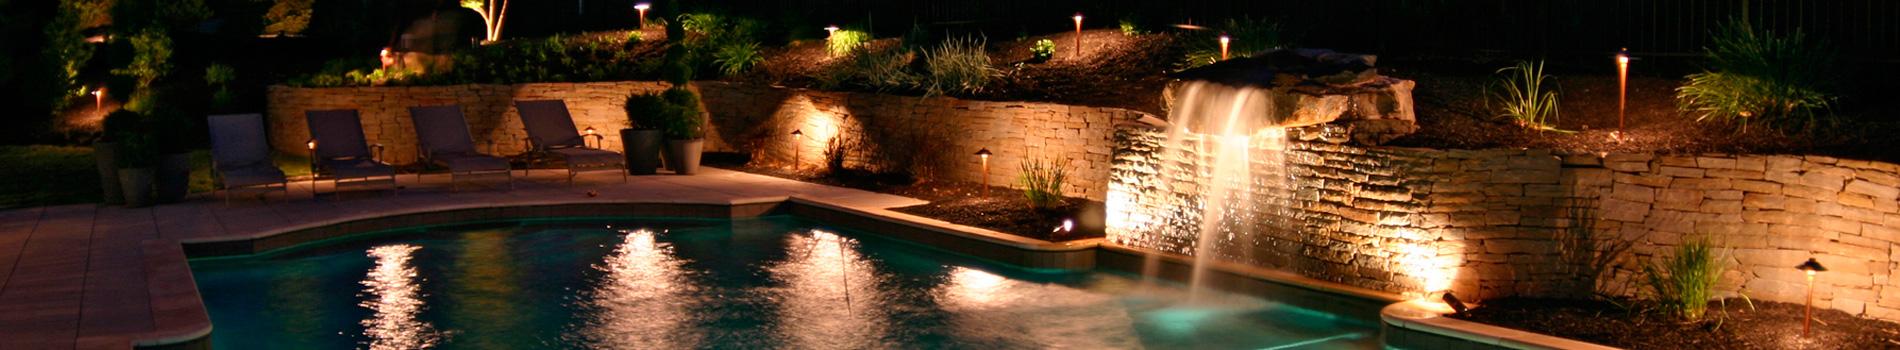 Lumipro iluminacion de exterior en monterrey focos para for Focos para exterior jardin